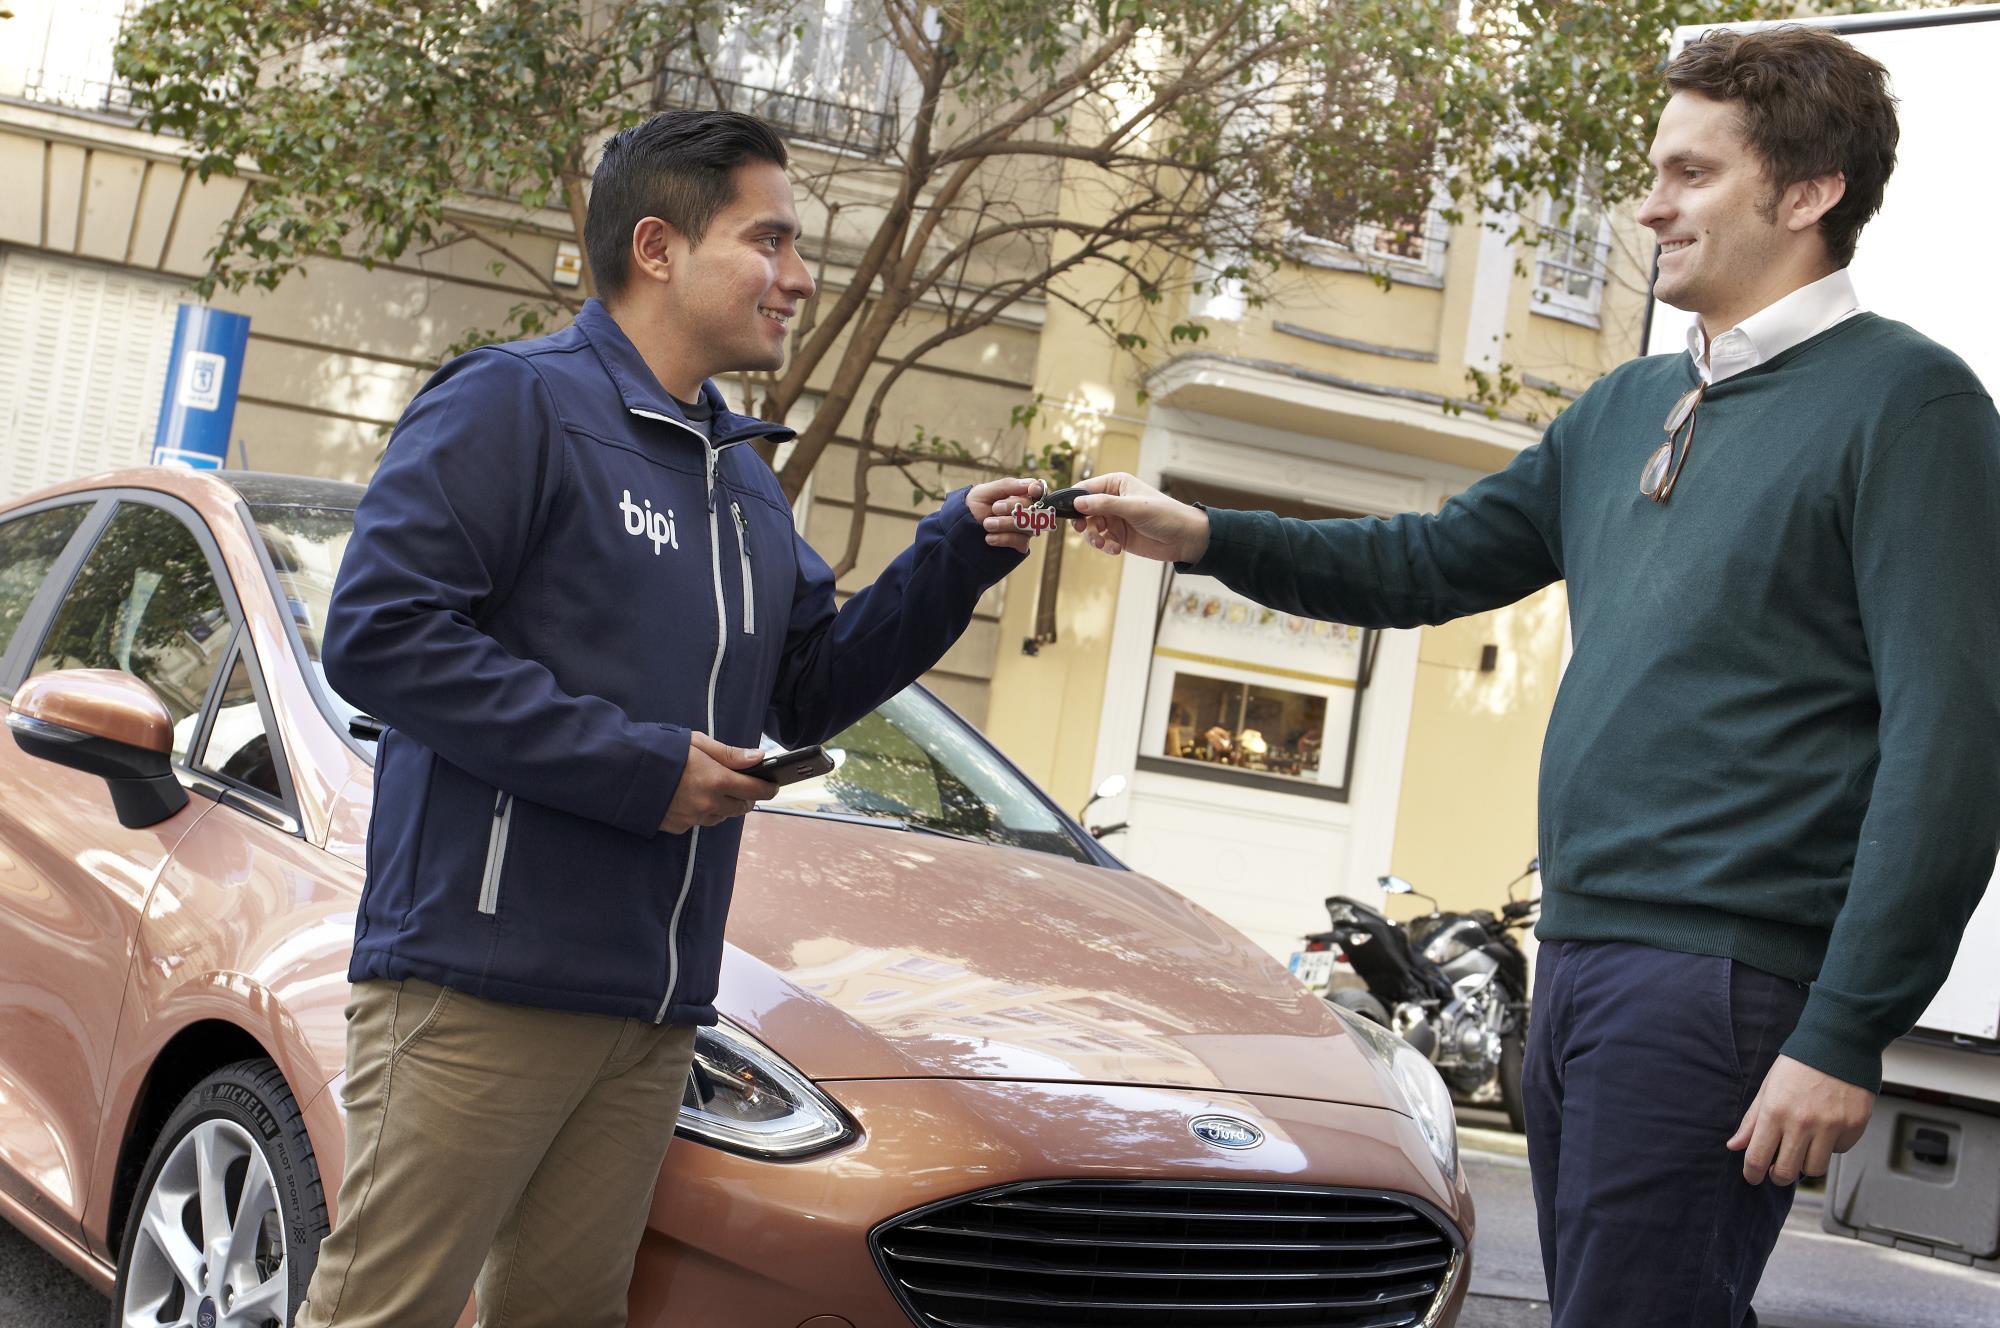 Ford y Bipi te llevan un Fiesta a casa para probarlo 24h